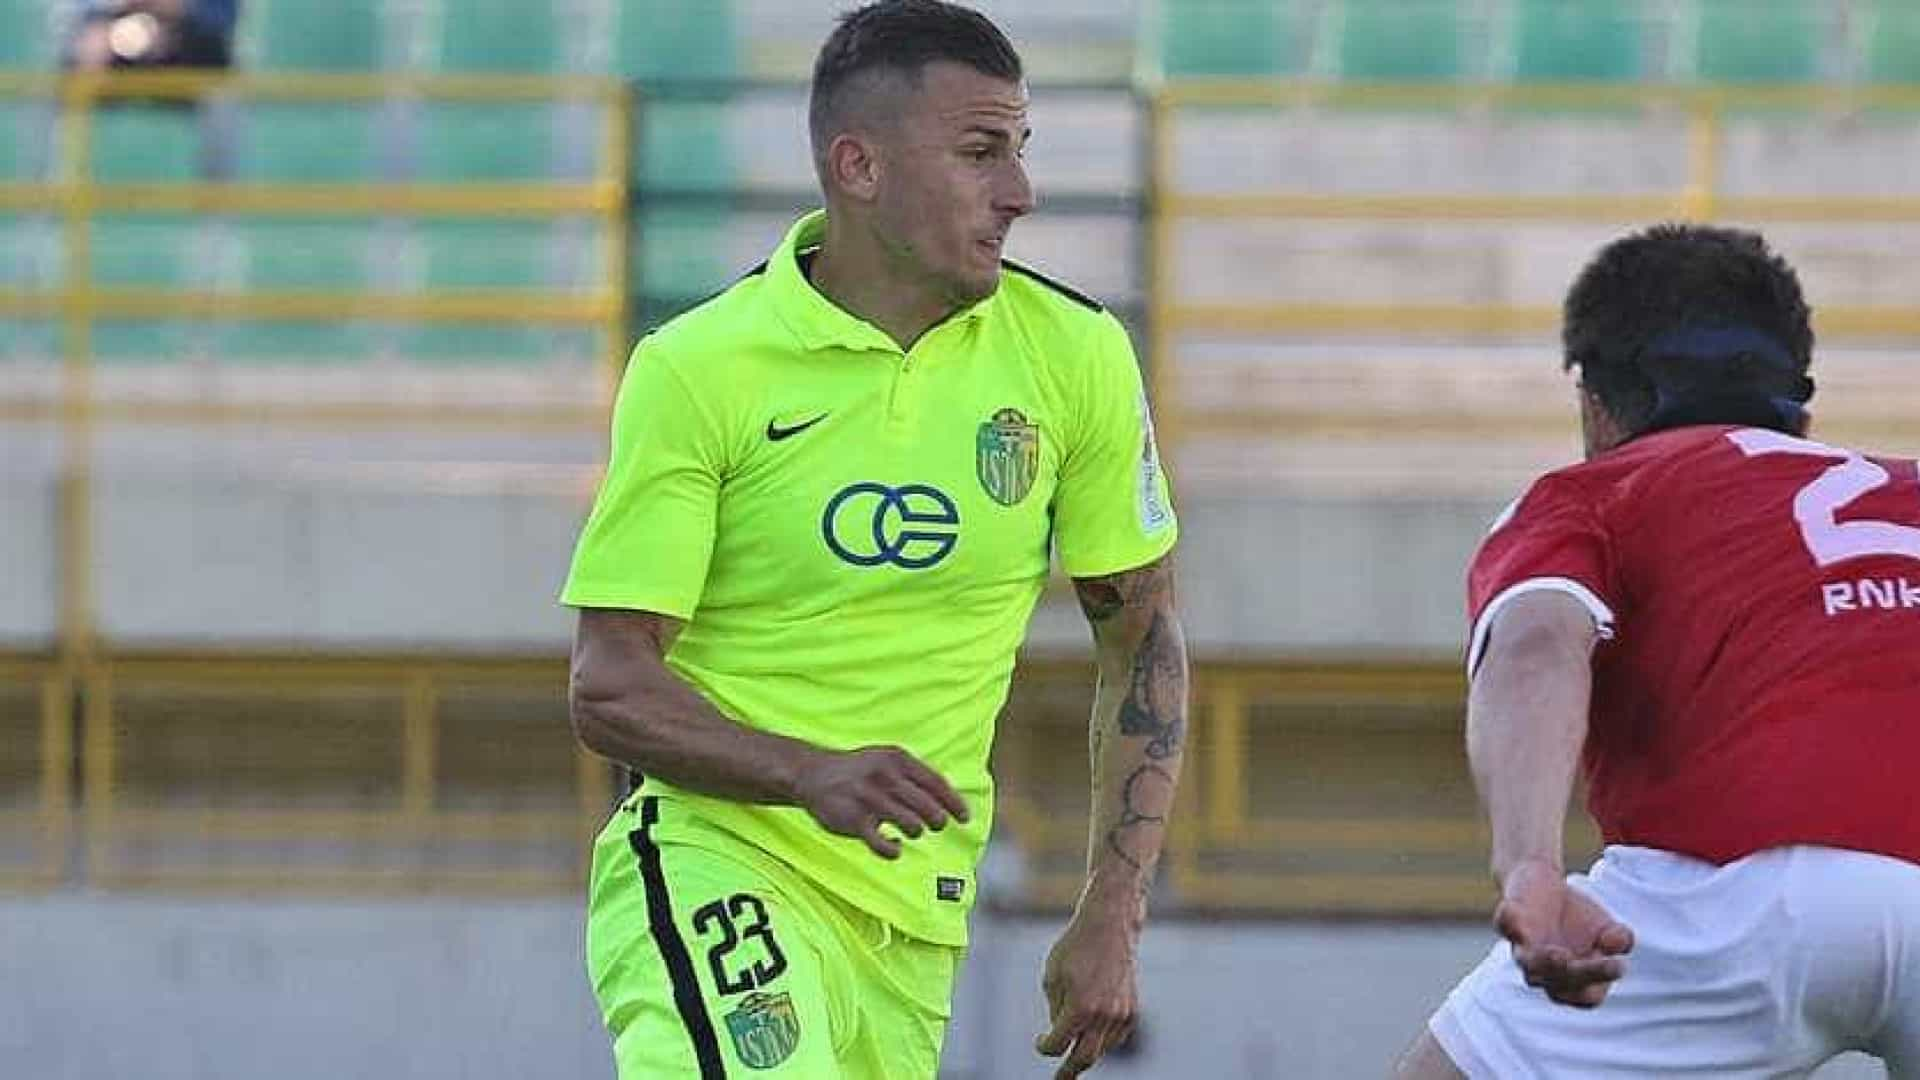 Mato Milos reforça o lado direito da defesa — Benfica